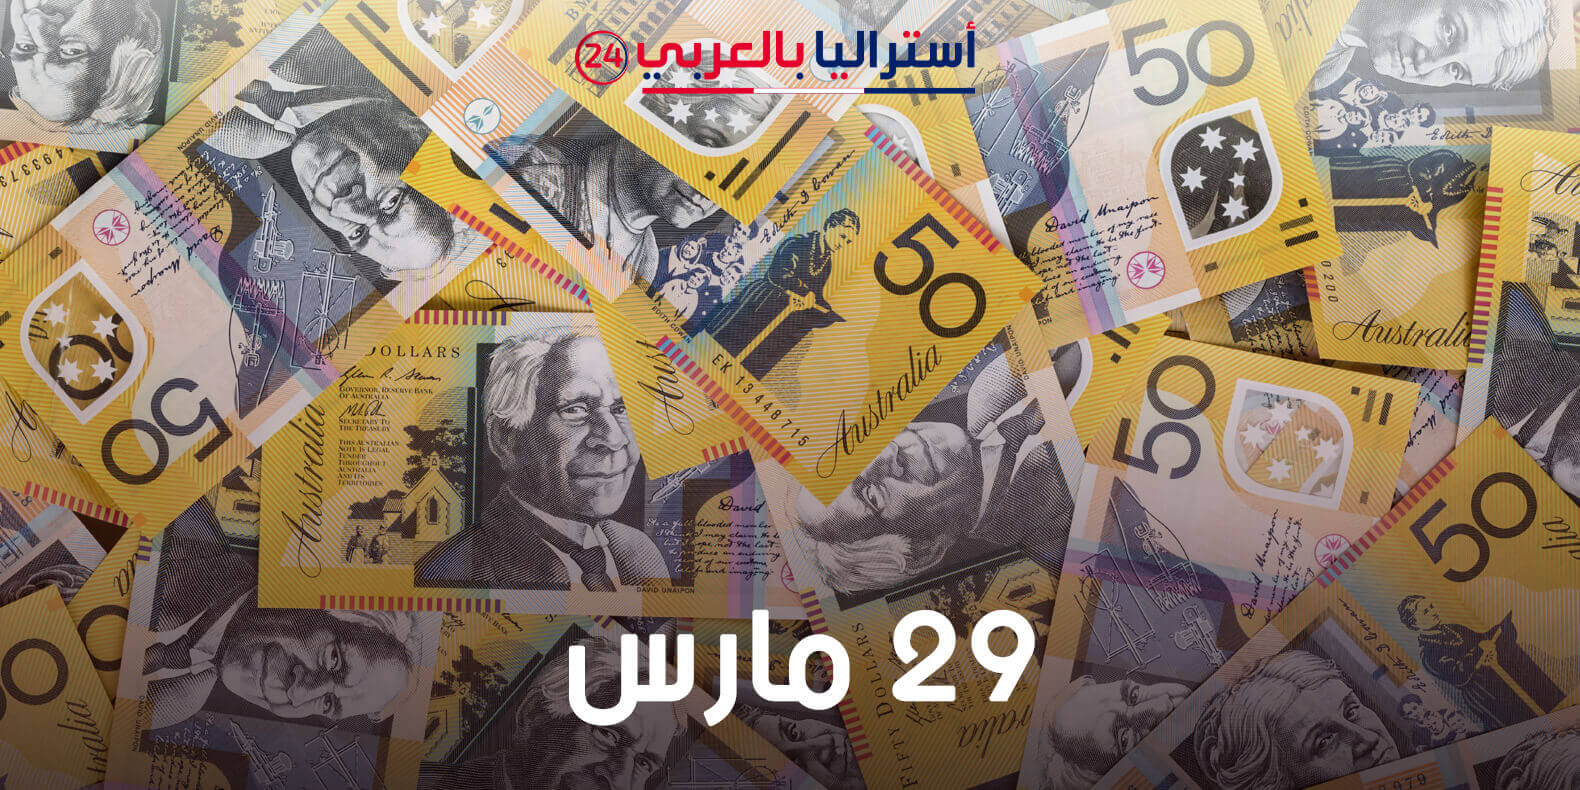 سعر الدولار الاسترالي مقابل العملات العالمية والعربية اليوم 29 مارس